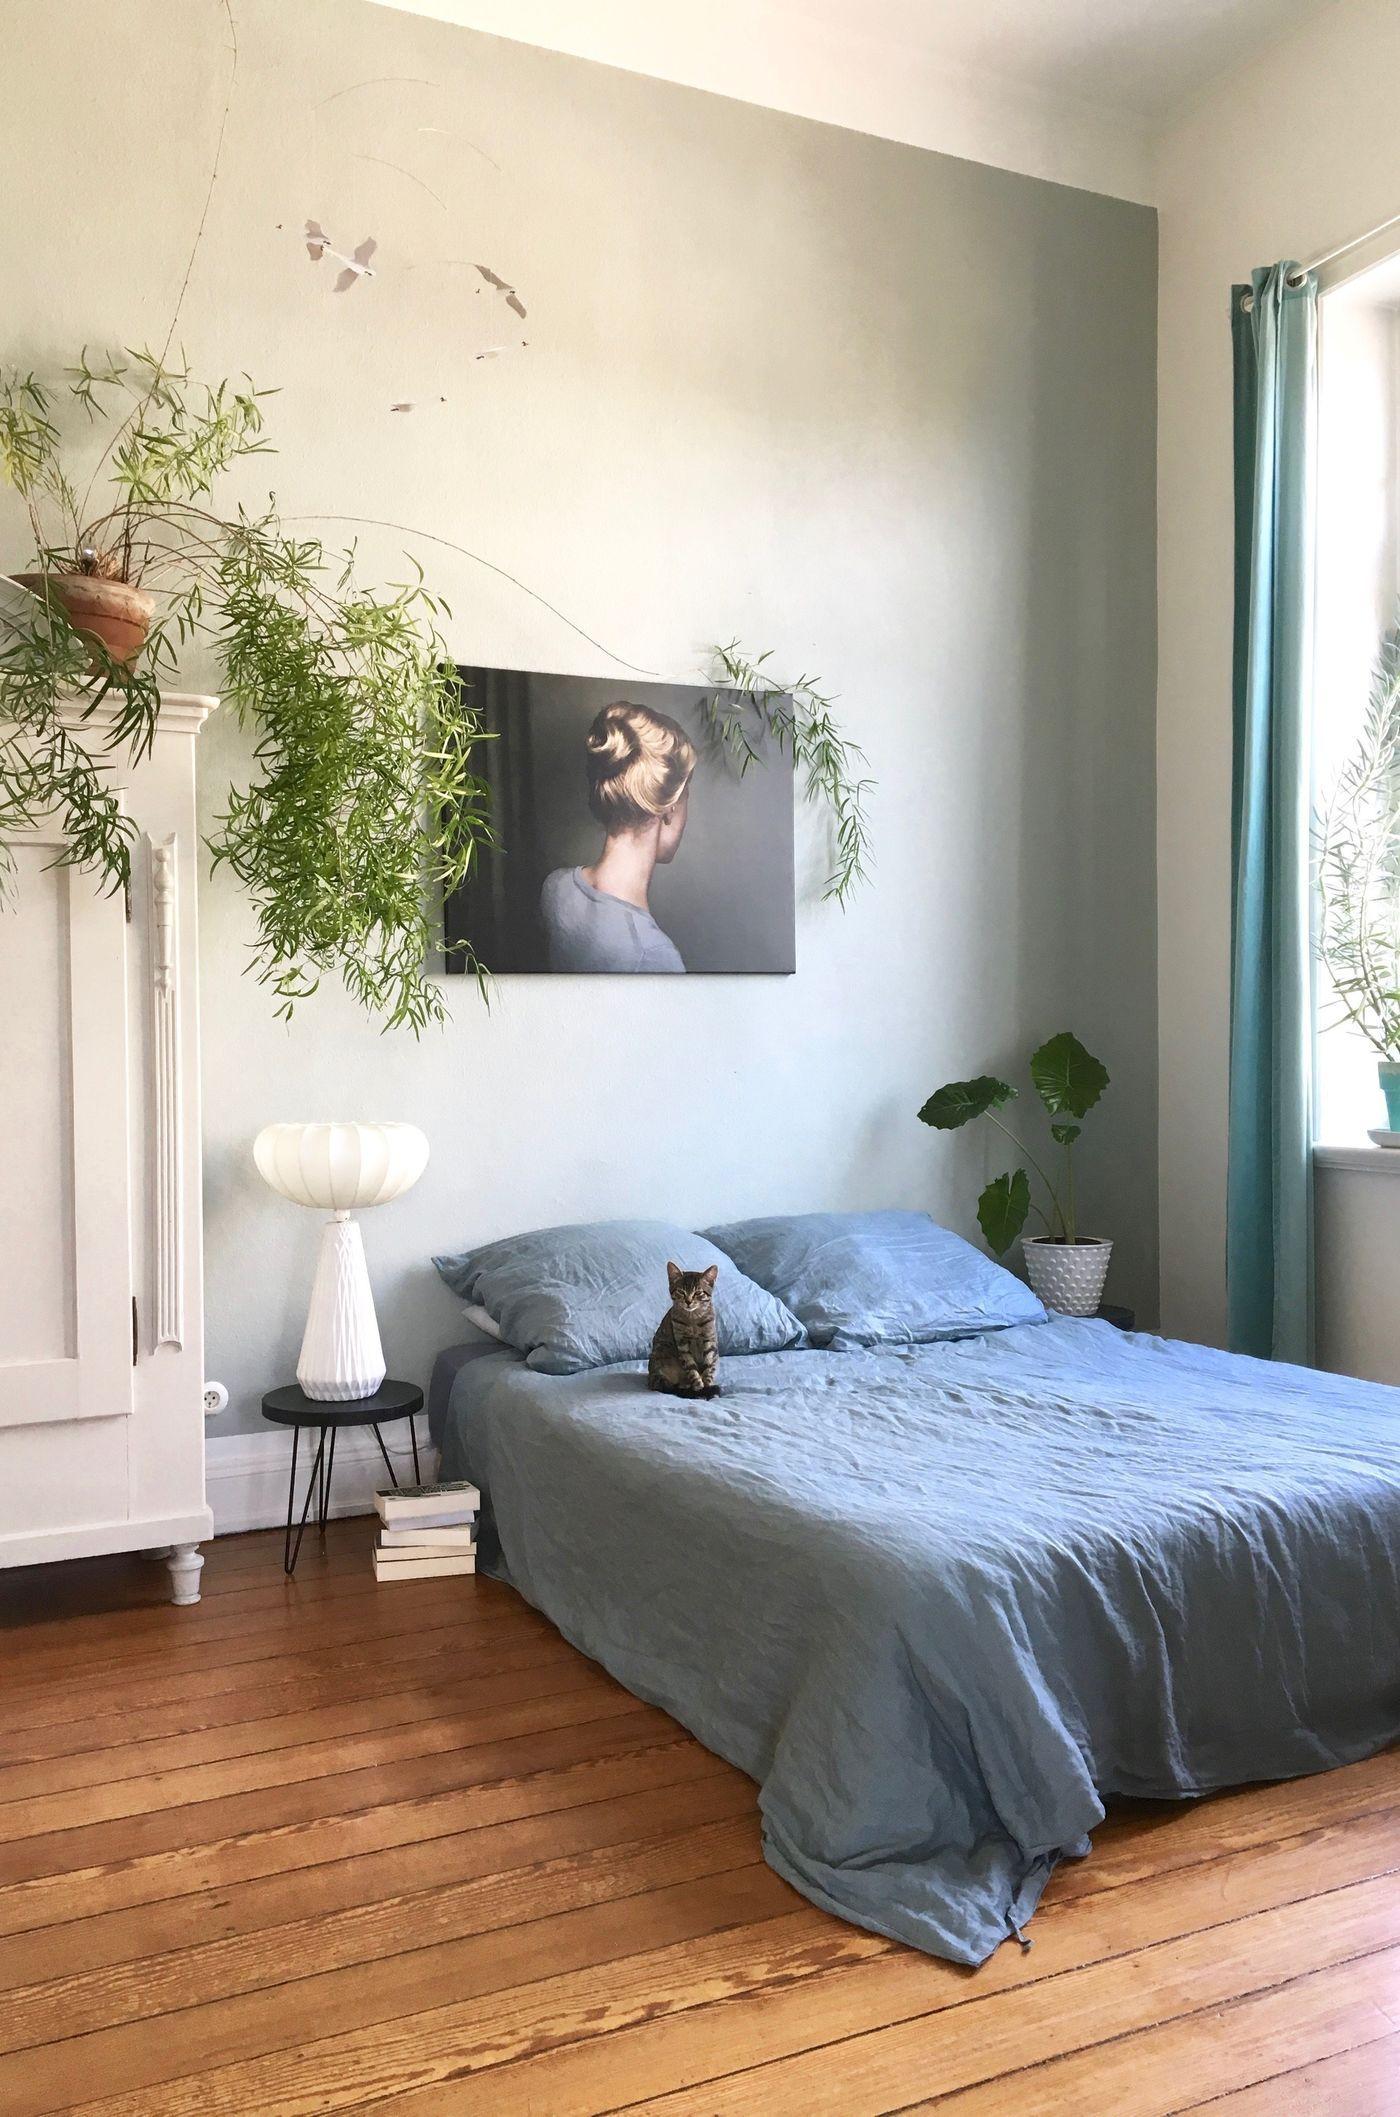 Schlafzimmer Ideen zum Einrichten & Gestalten